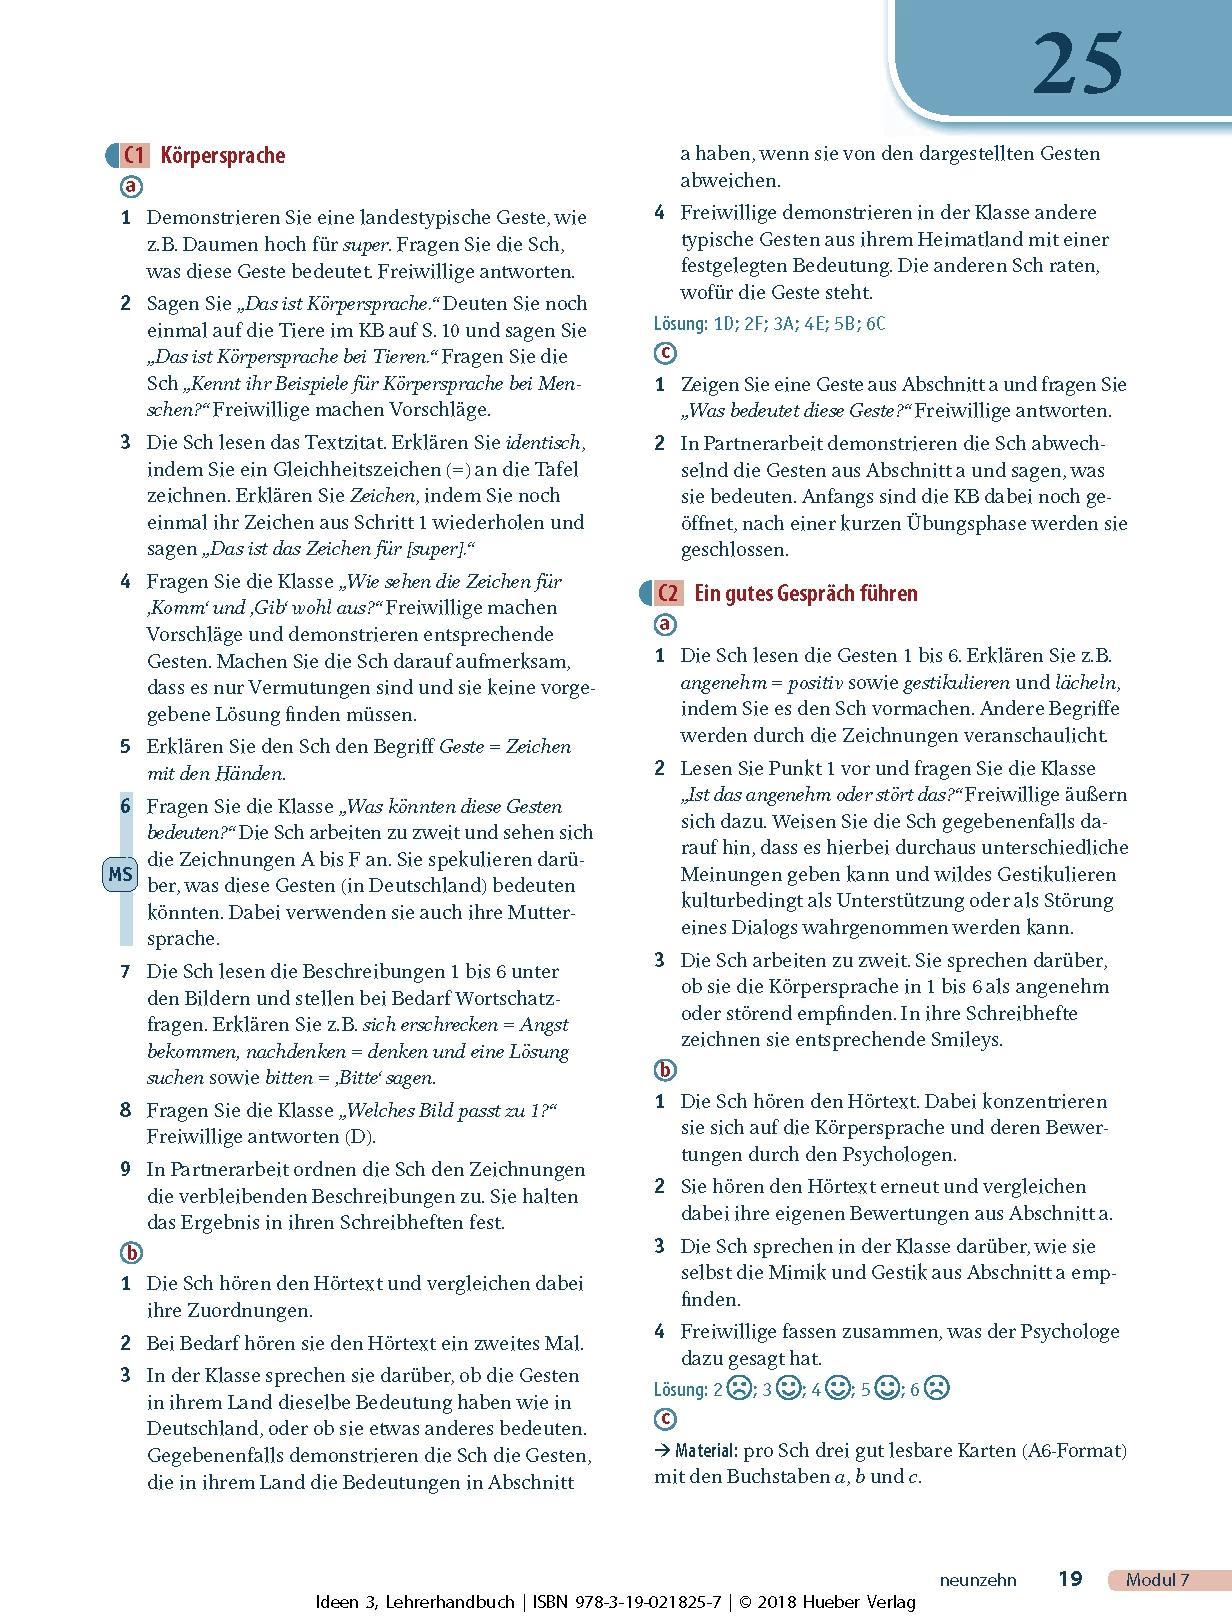 Arbeitsbuch antworten 3 ideen Hueber